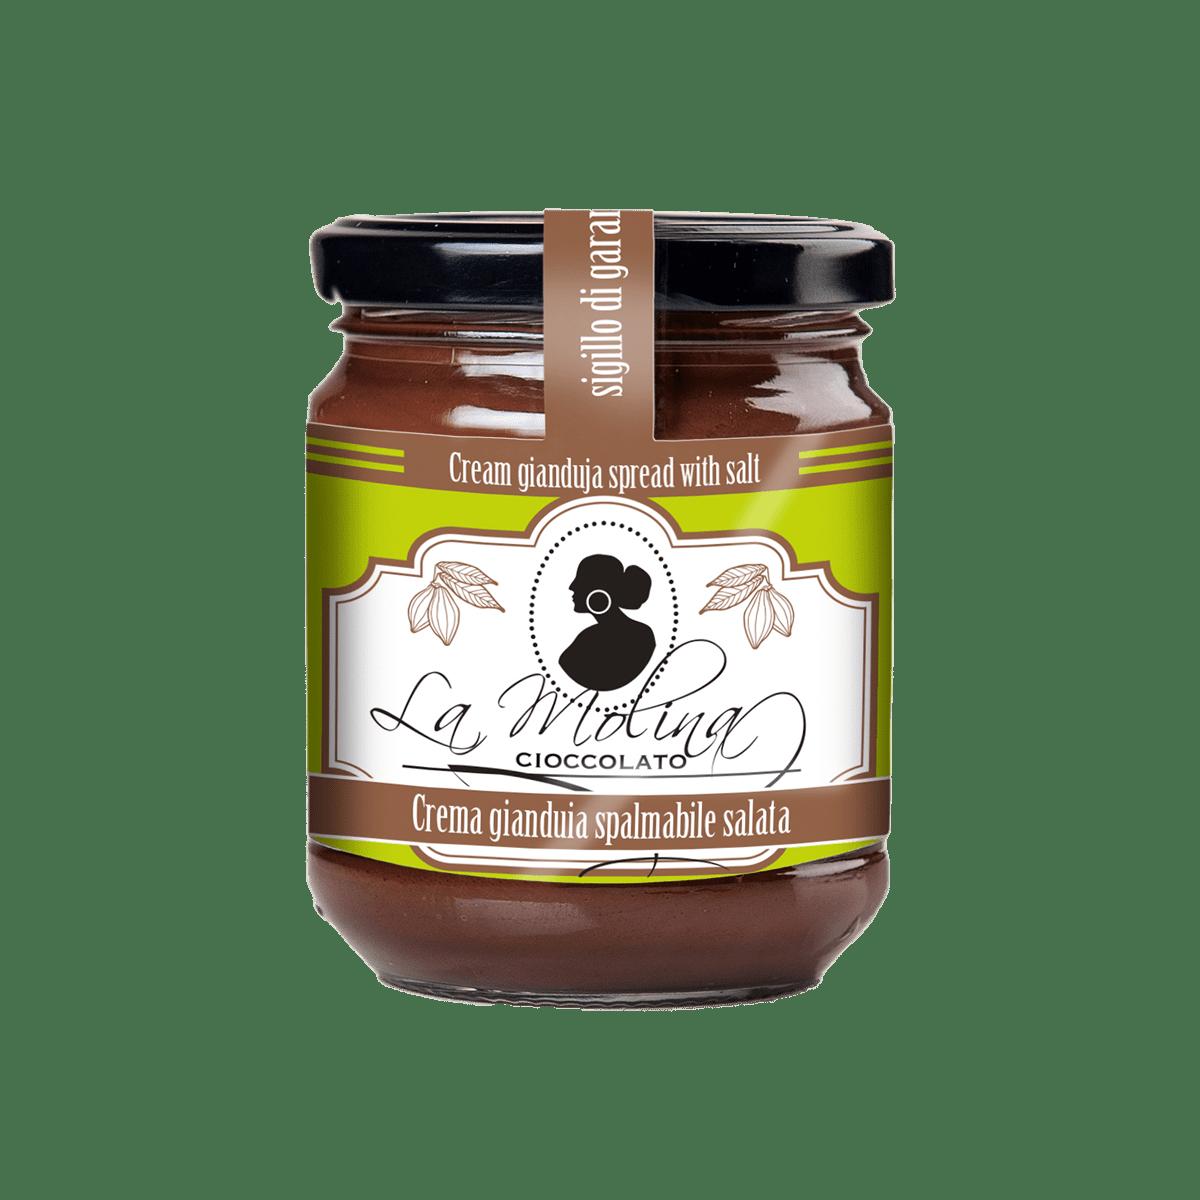 crema gianduia spalmabile salata